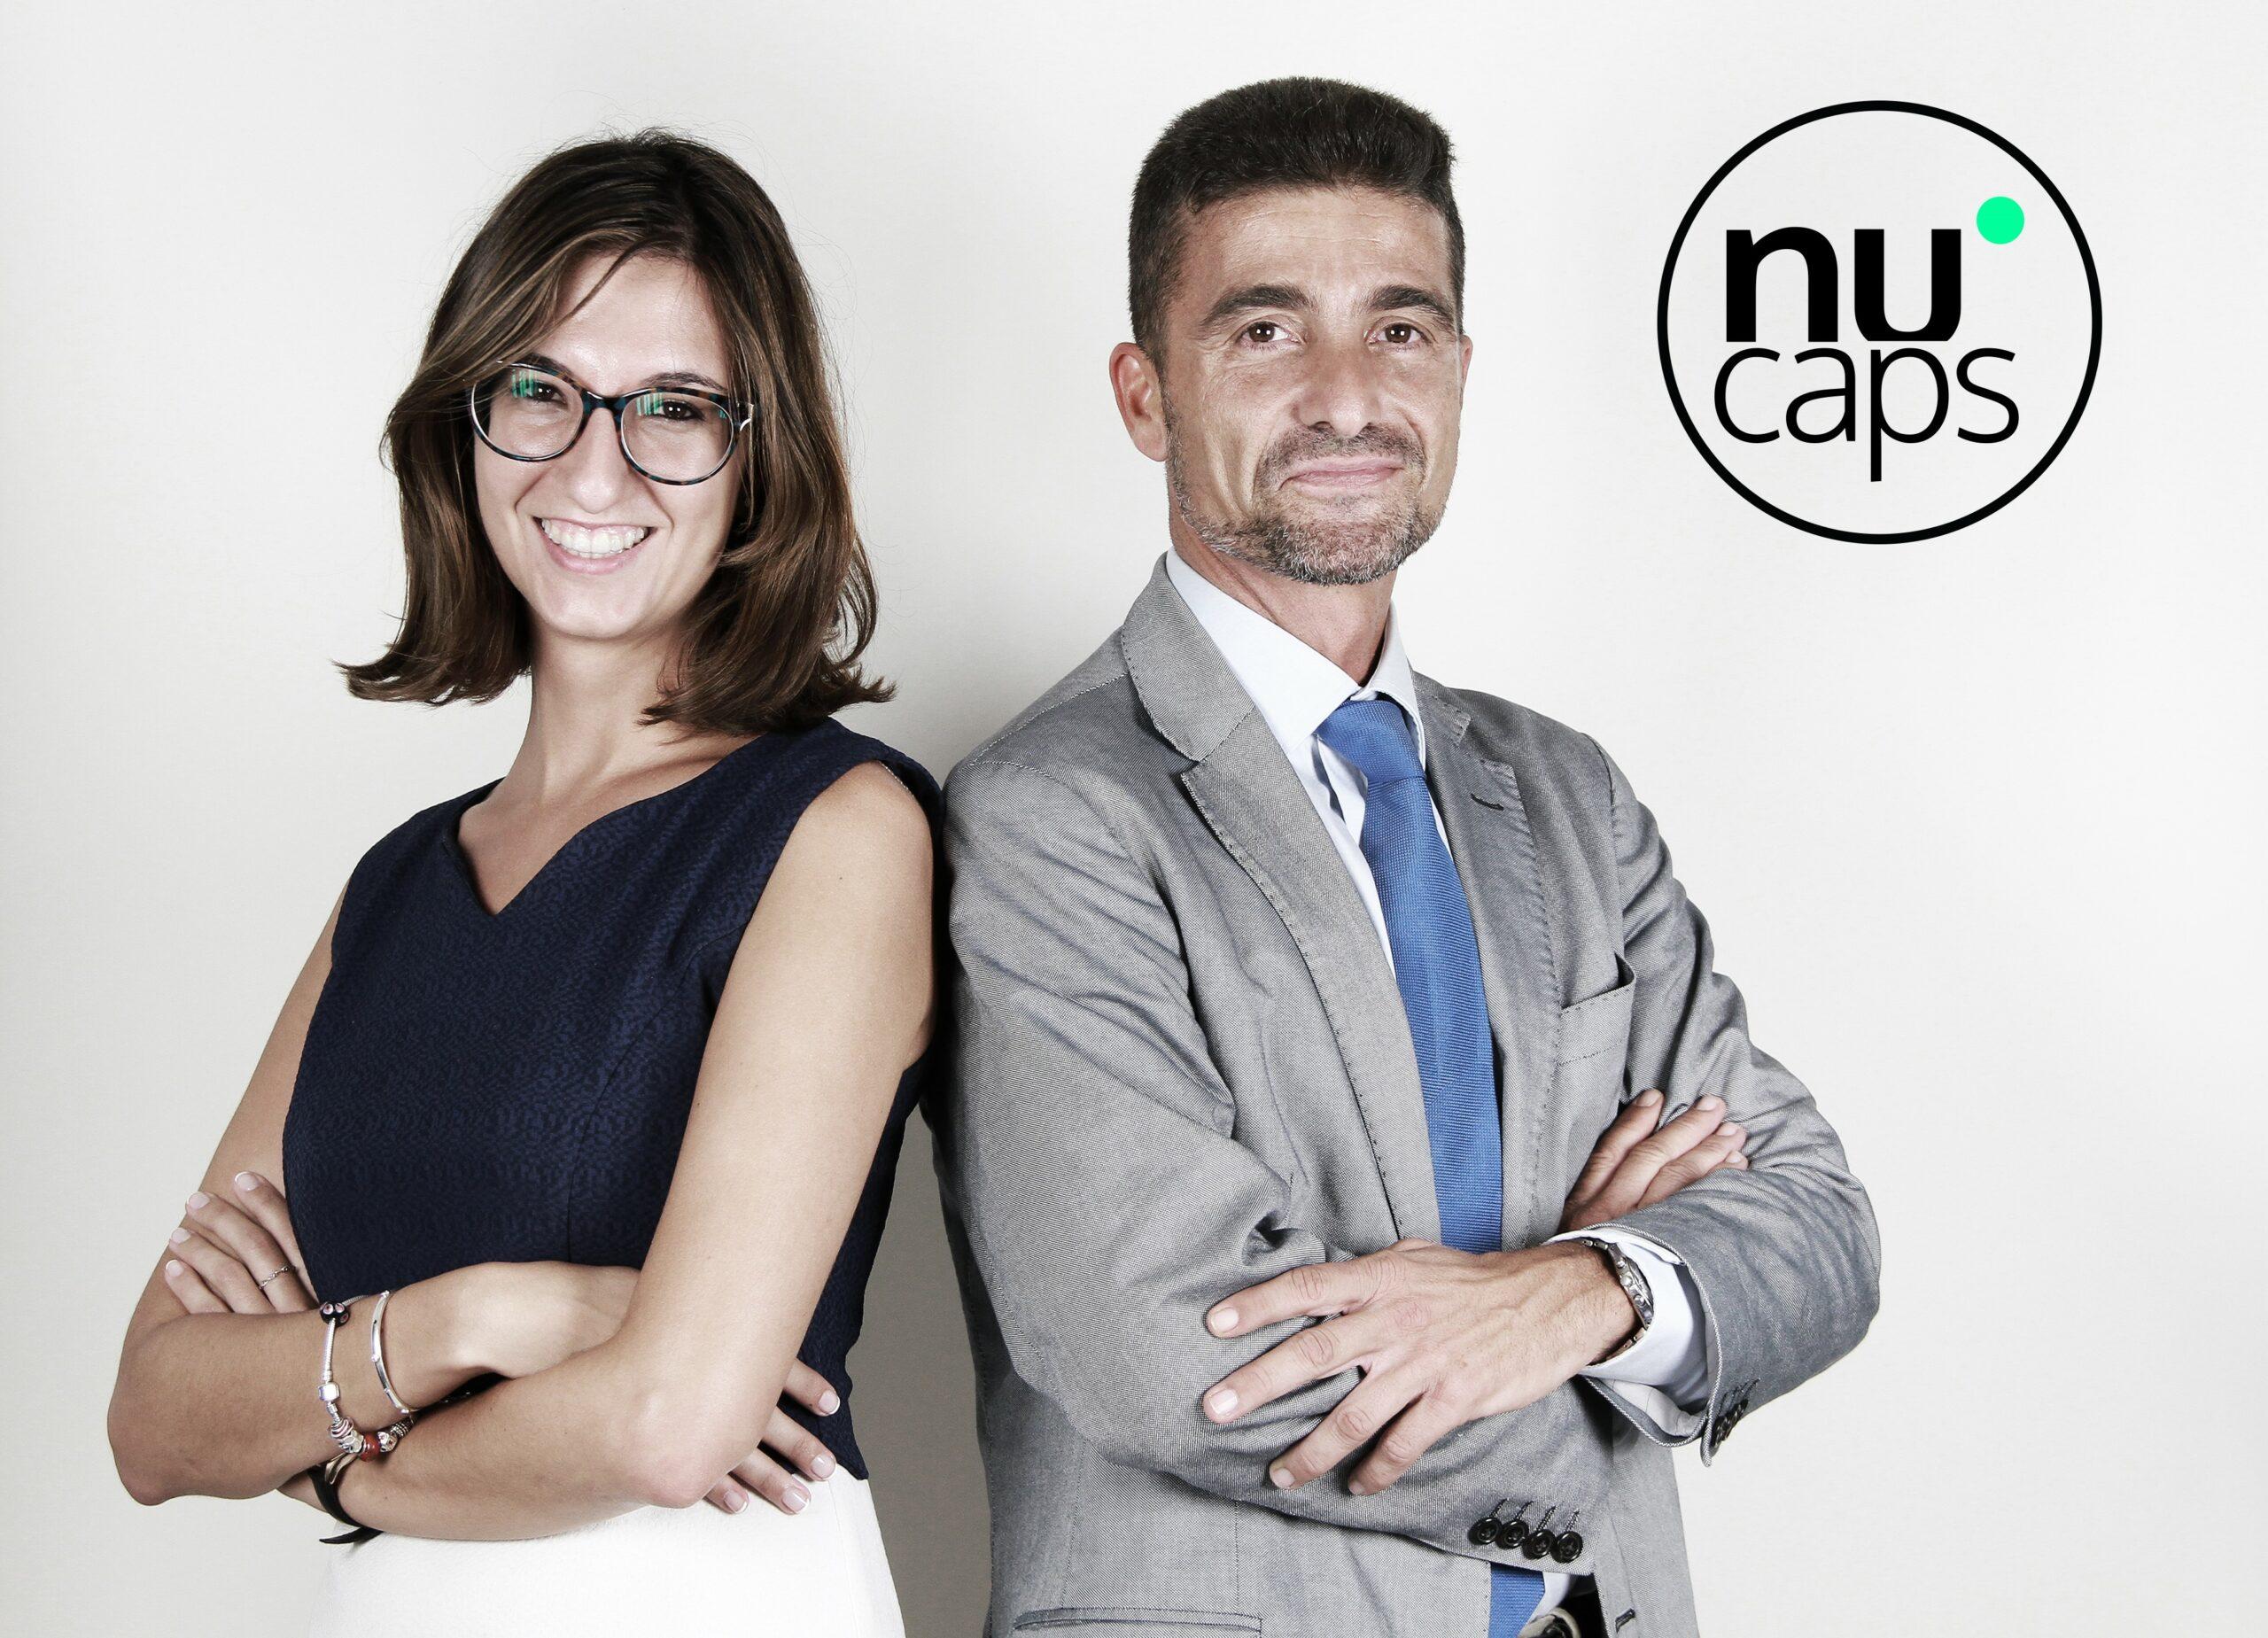 Nucaps es una empresa europea con sede en Navarra que ofrece una nueva tecnología de encapsulación para el desarrollo industrial de nanocápsulas y biocápsulas para bioactivos y probióticos.